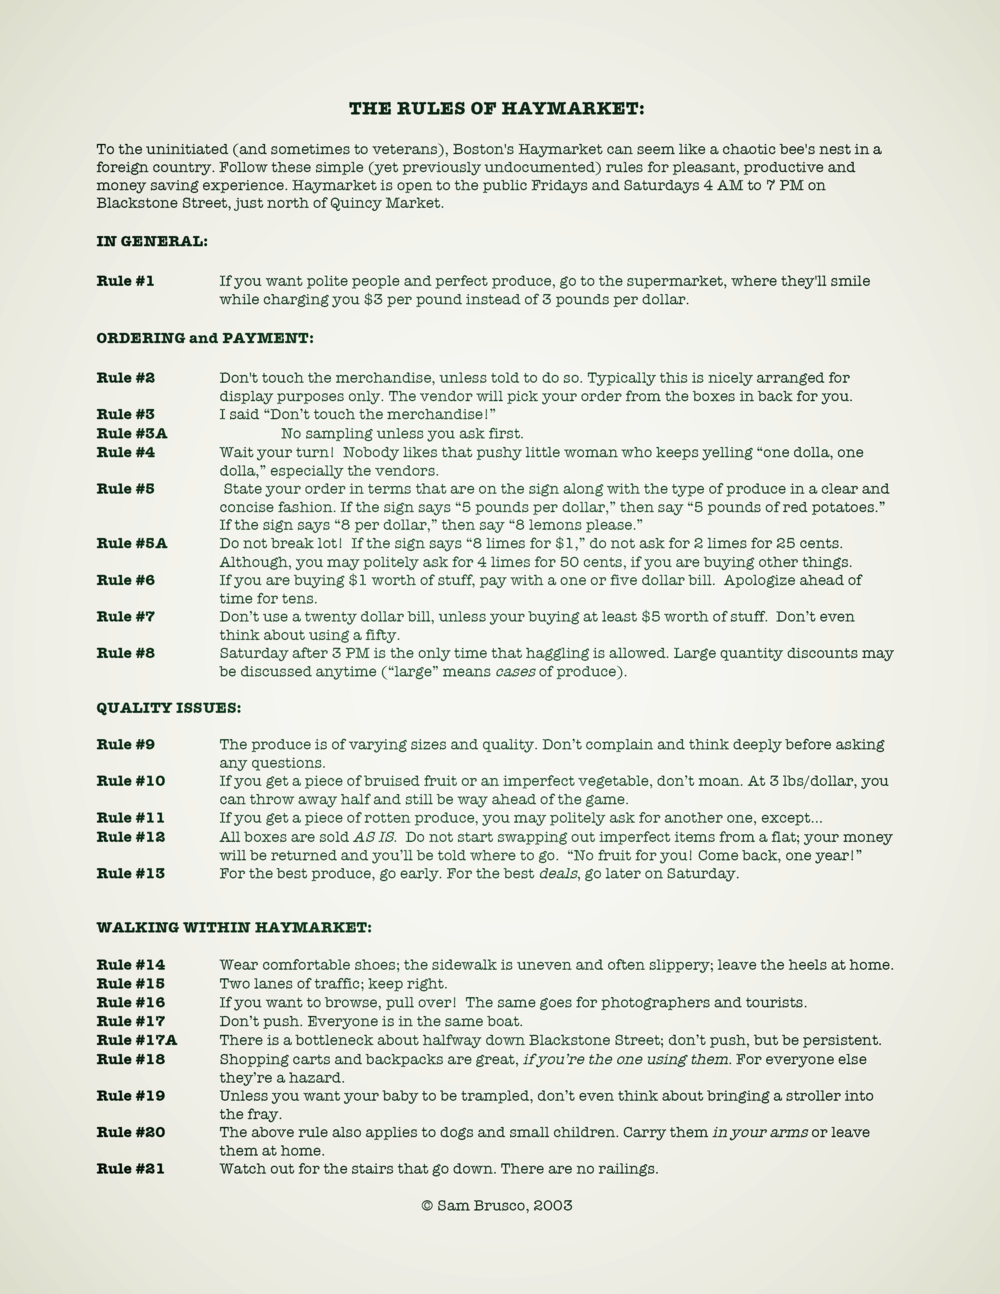 Haymarket Rules.jpg